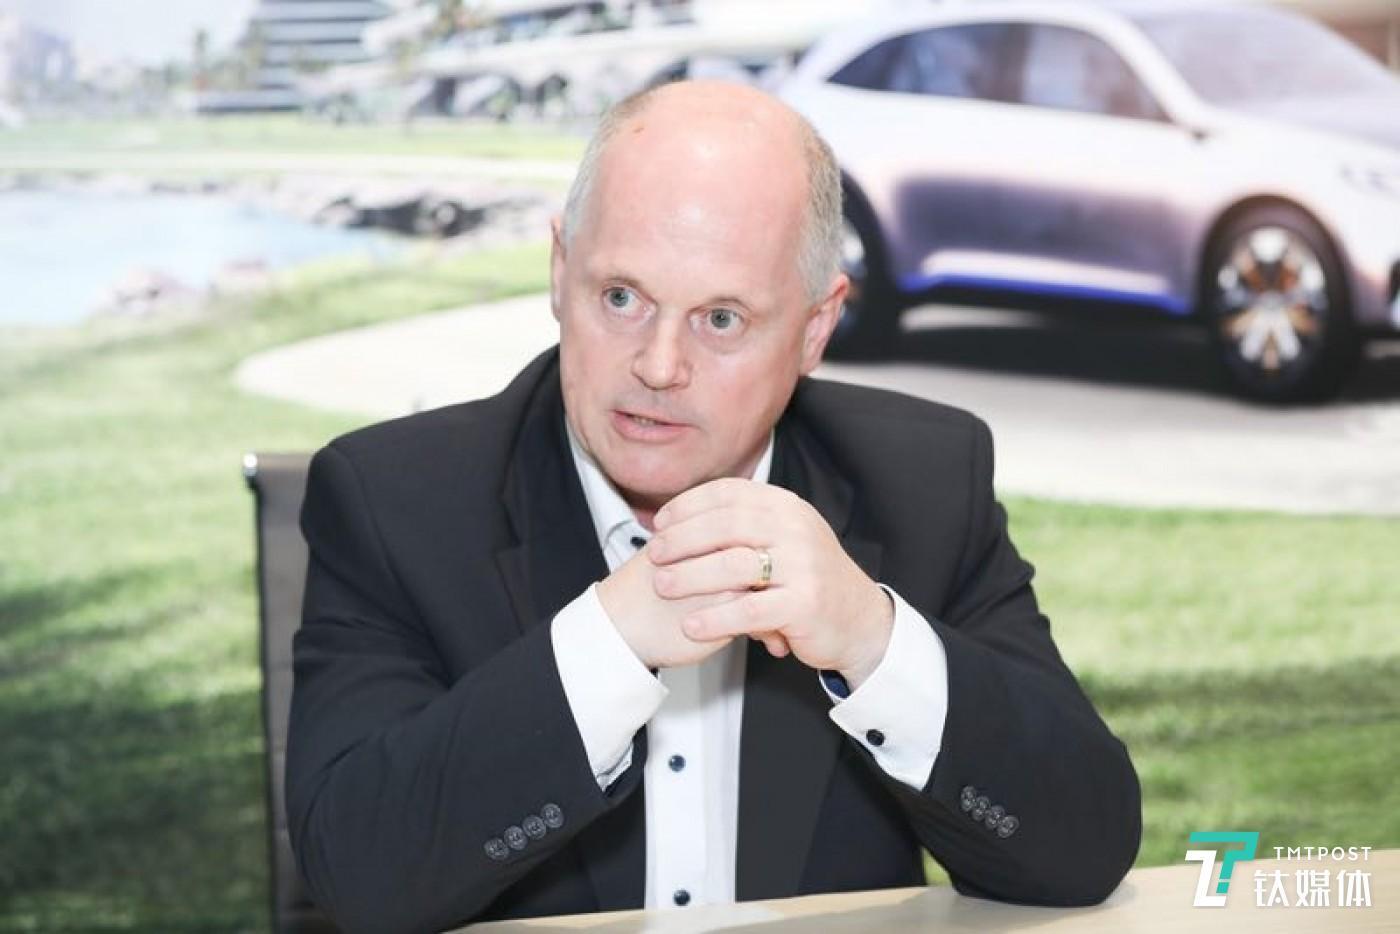 奔驰乘用车中国研发中心负责人安尔翰教授